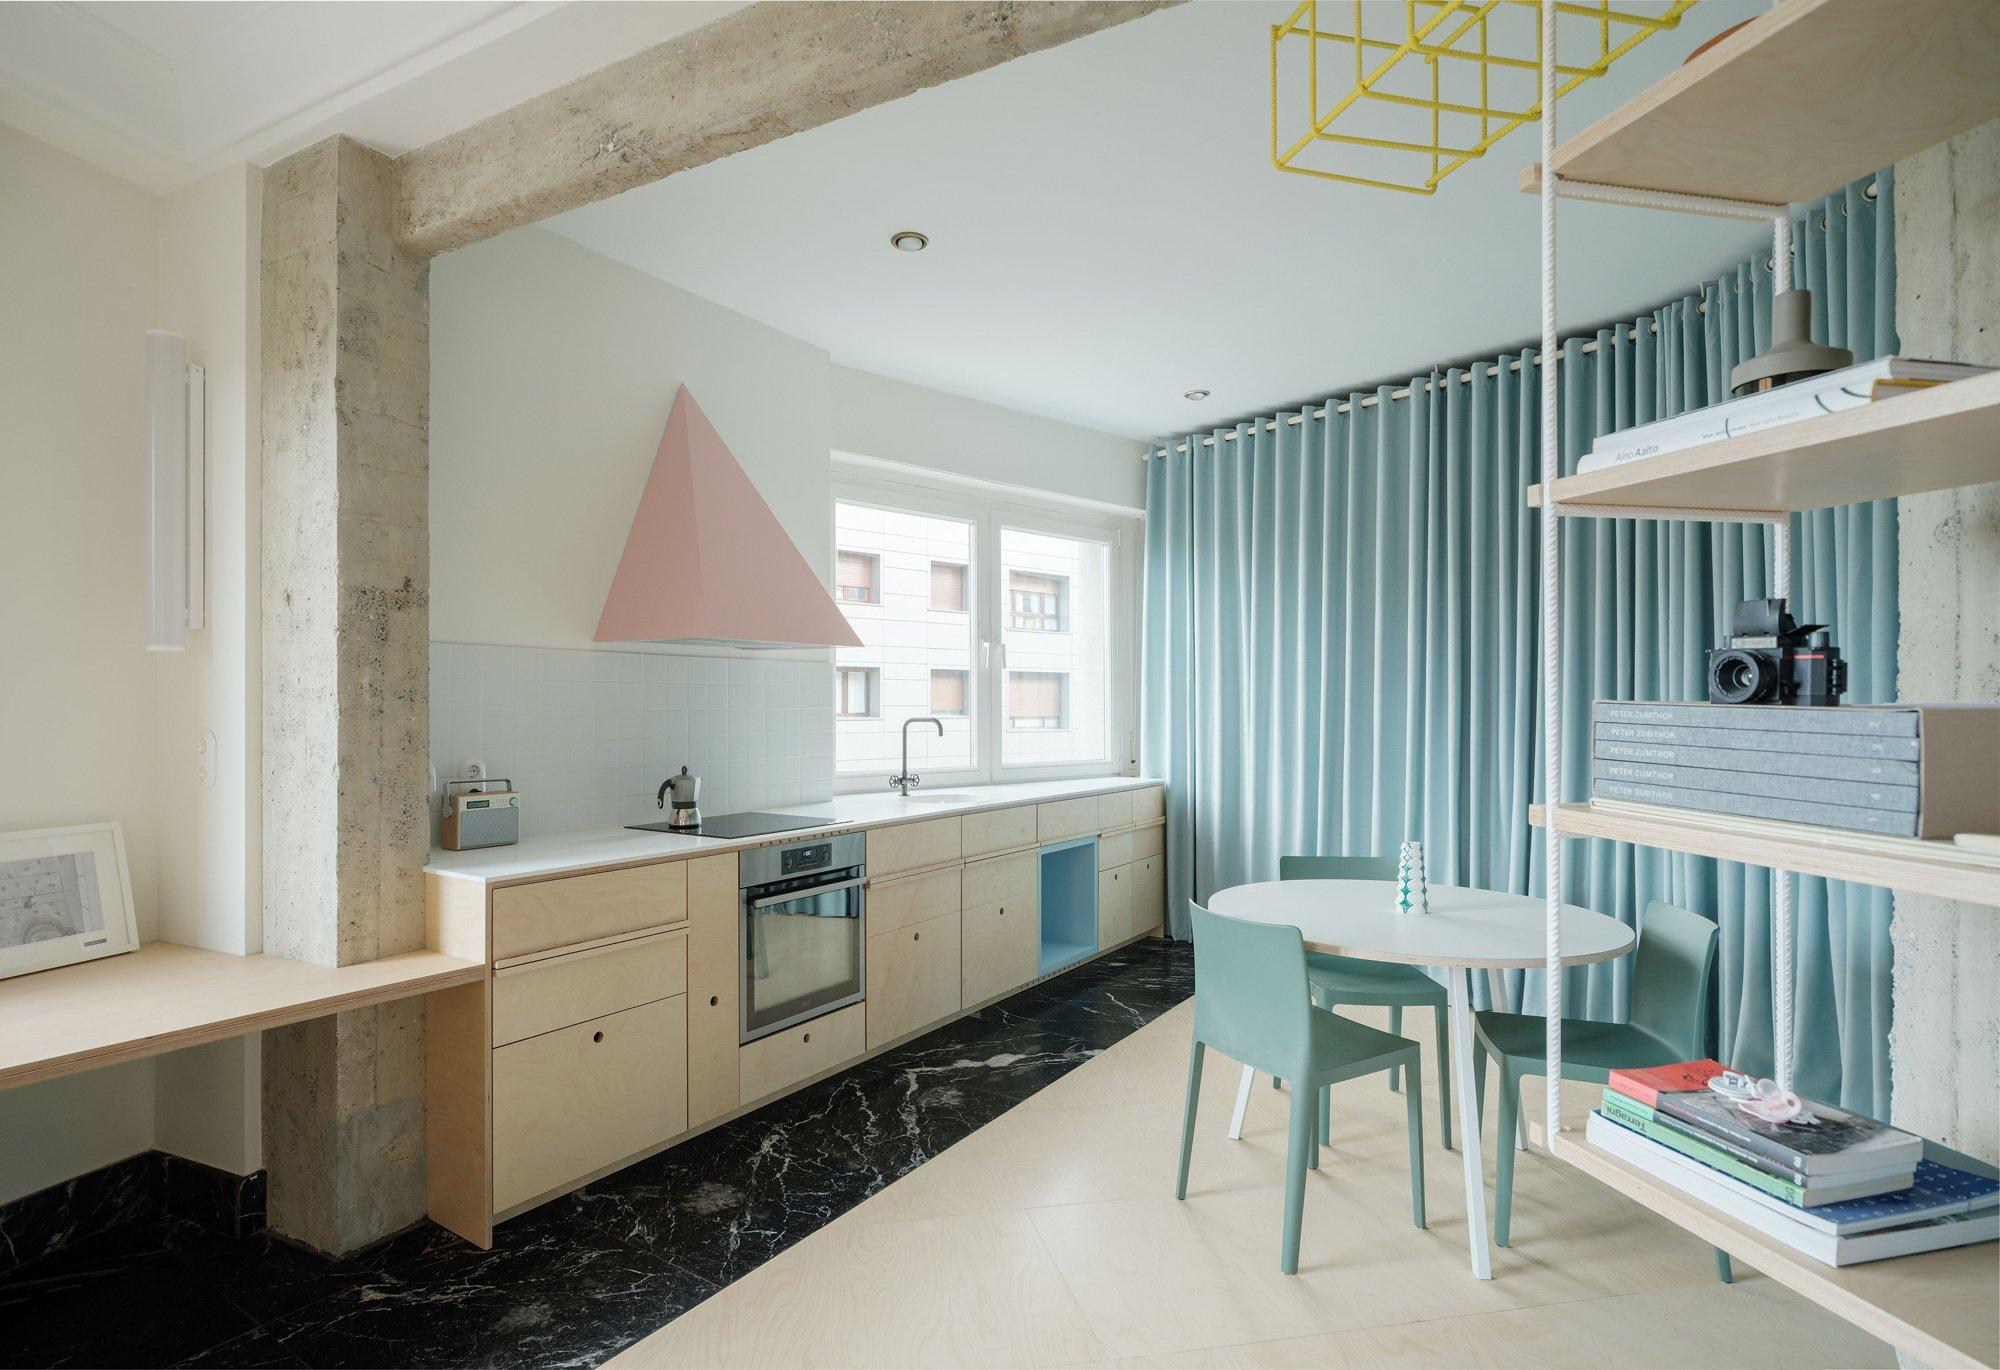 Mithilfe von Vorhängen und ungewöhnlichen Einbauten schuf das Büro AZAB in einer Familienwohnung in Bilbao ein fließendes Raumgefühl.